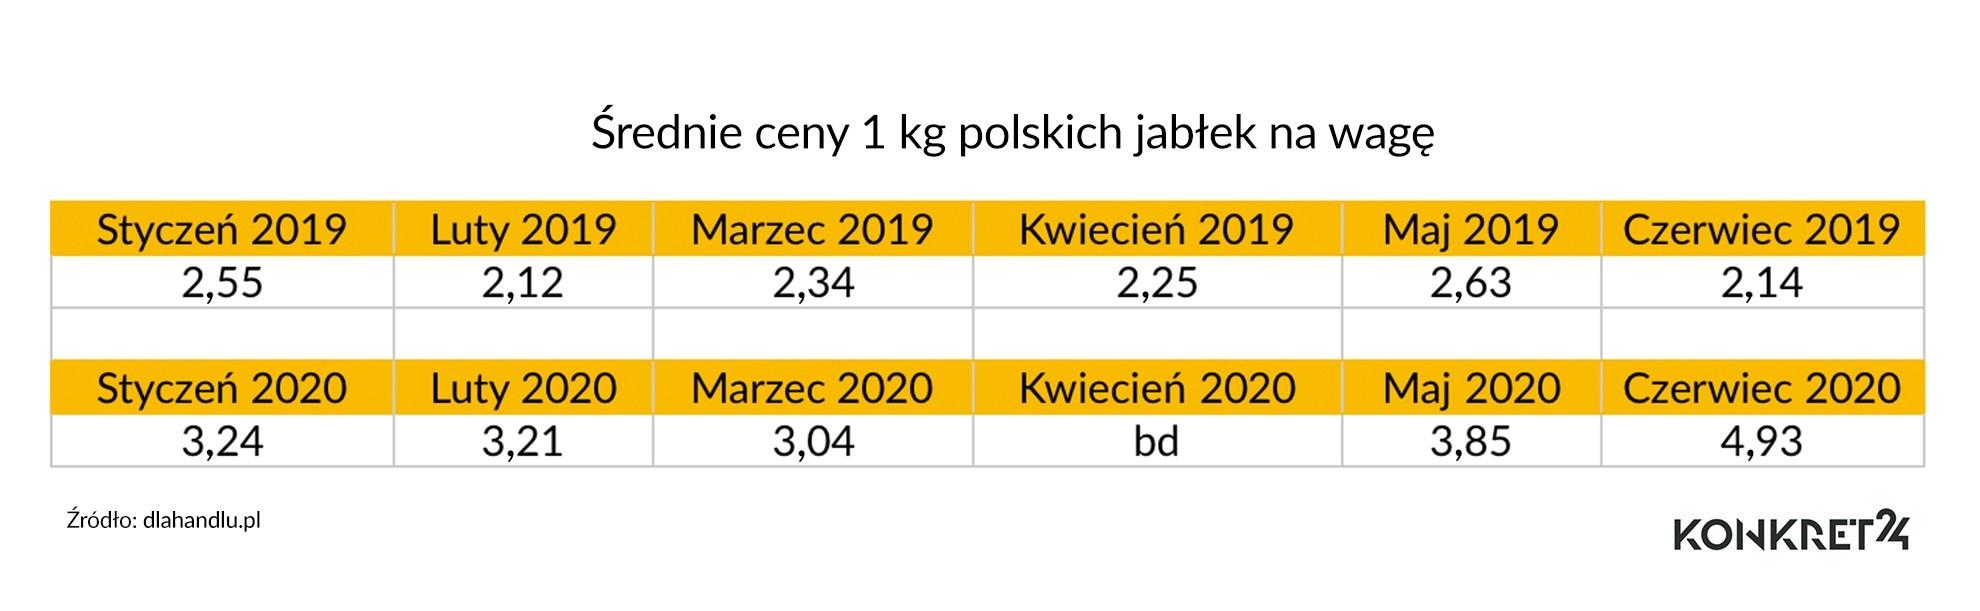 Średnie ceny 1 kg polskich jabłek na wagę